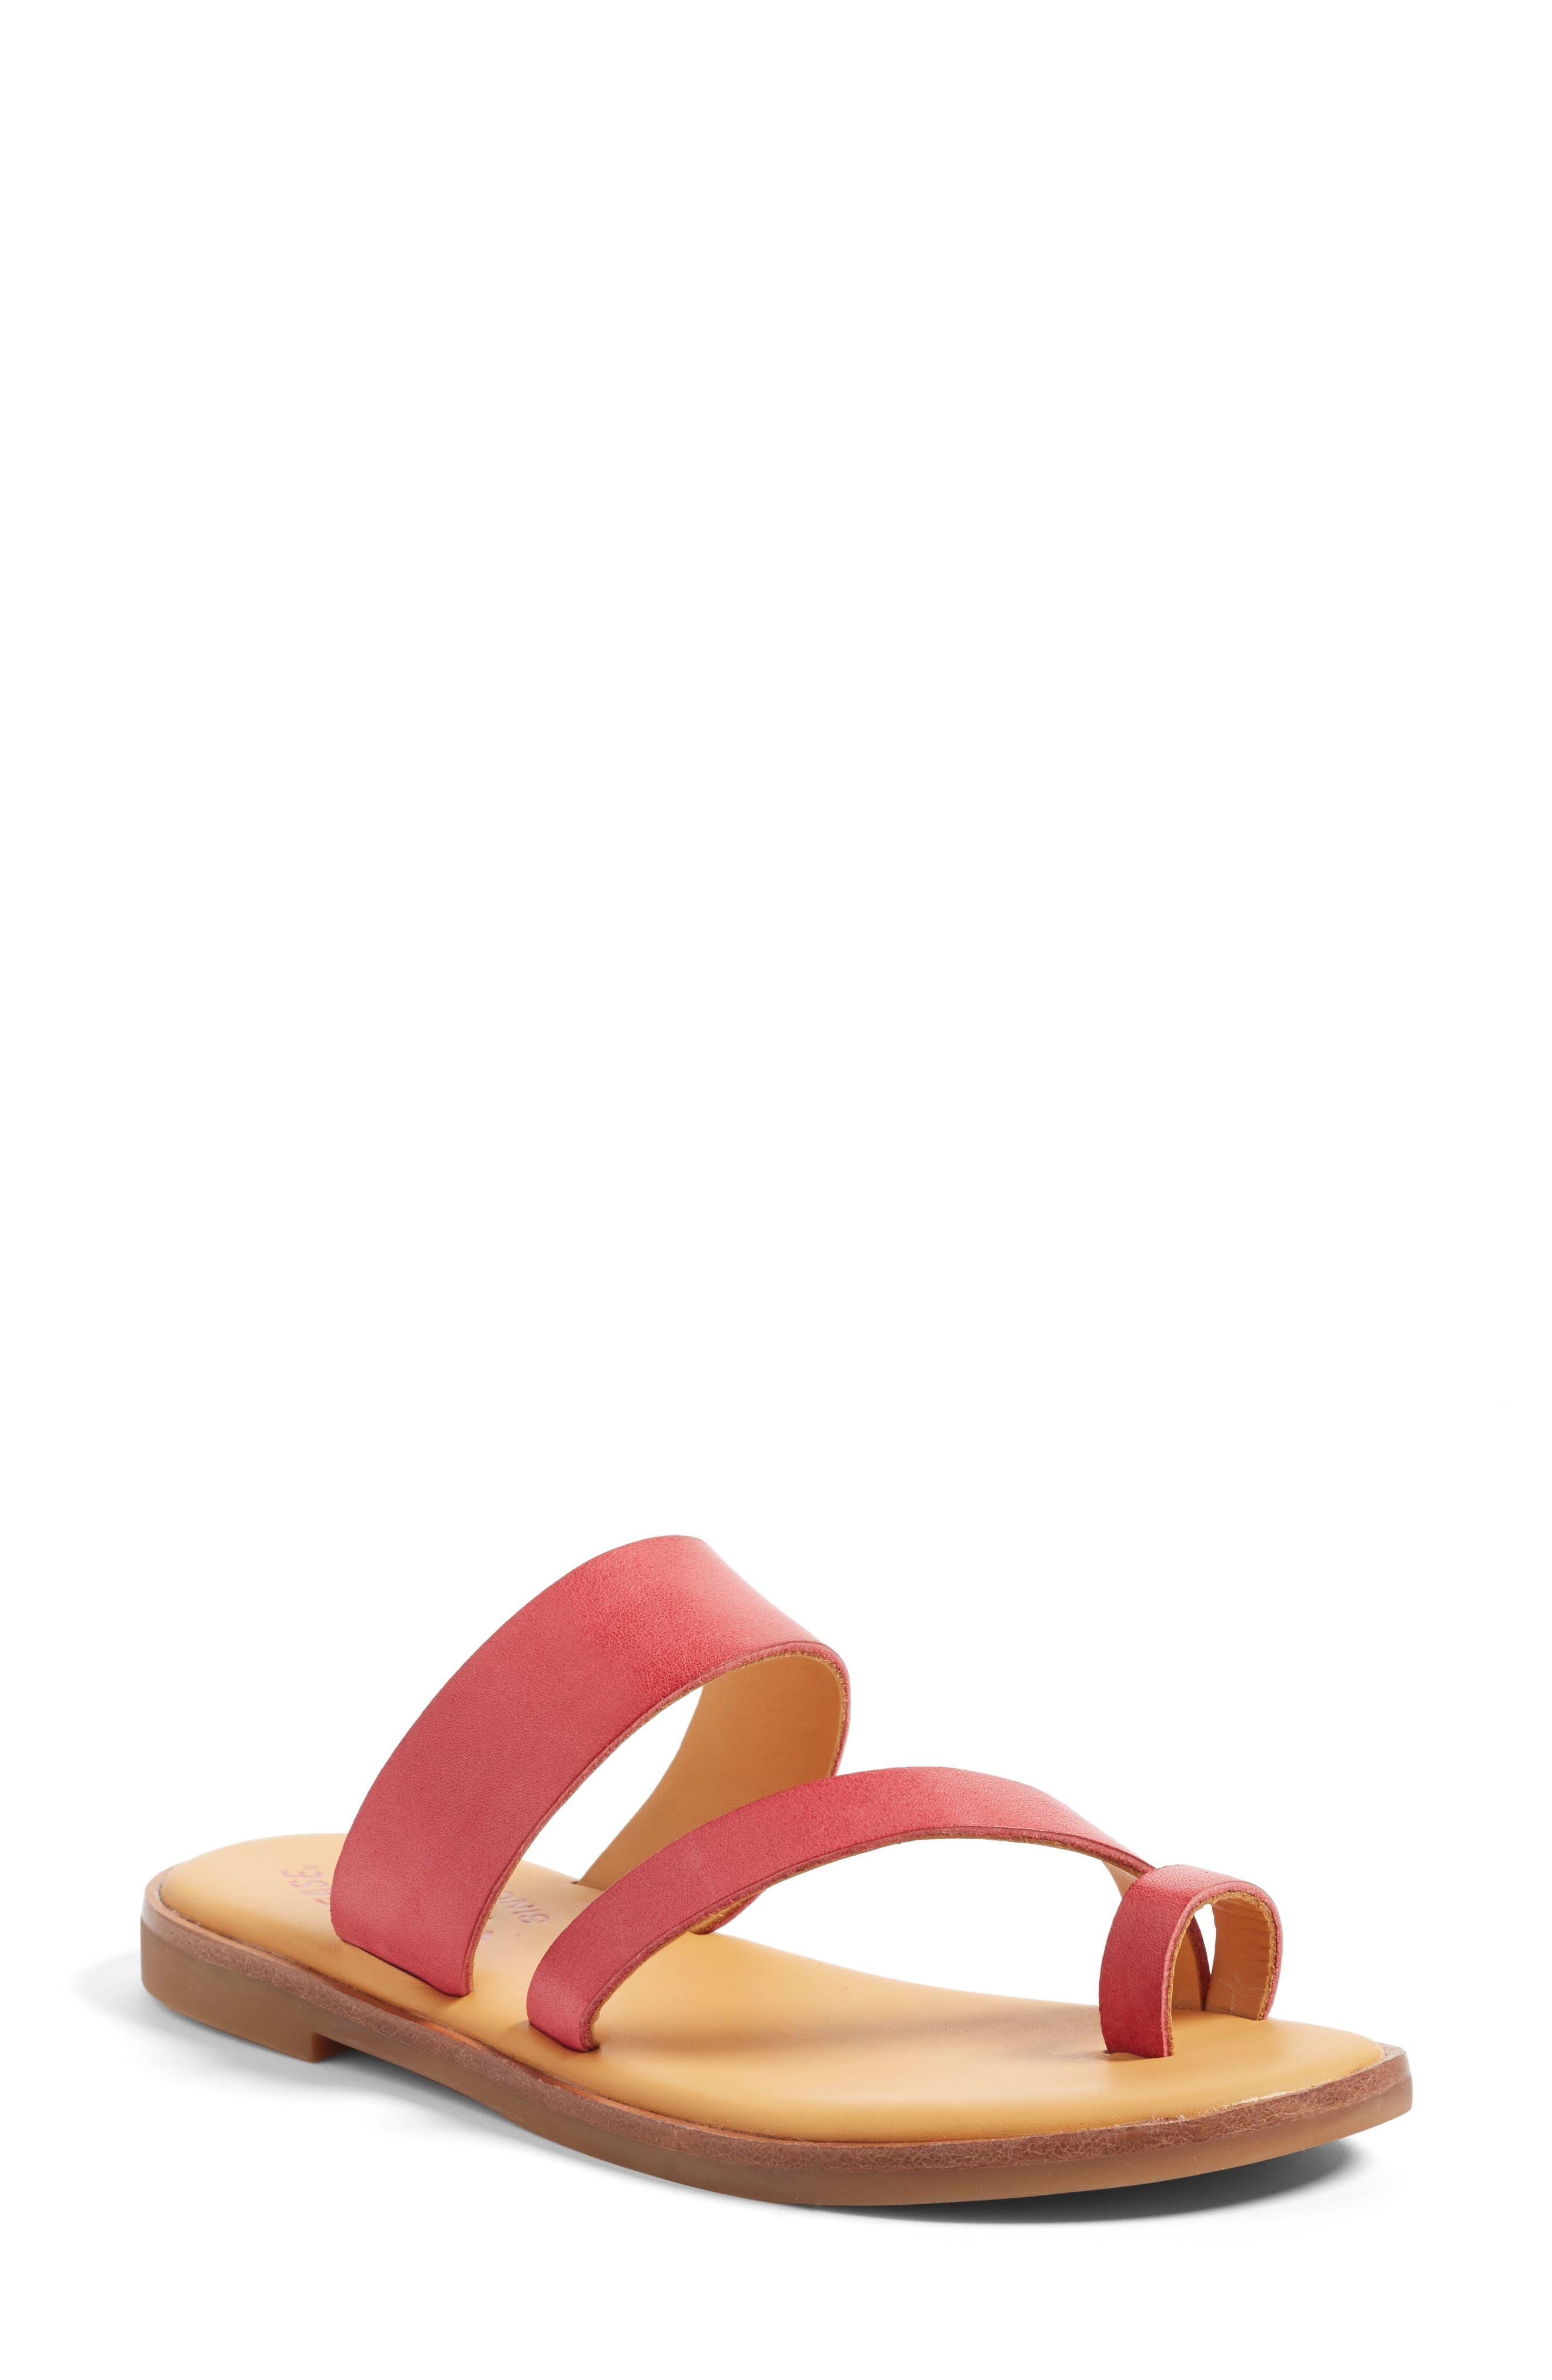 Alternate Image 1 Selected - Kork-Ease® Pine Sandal (Women)